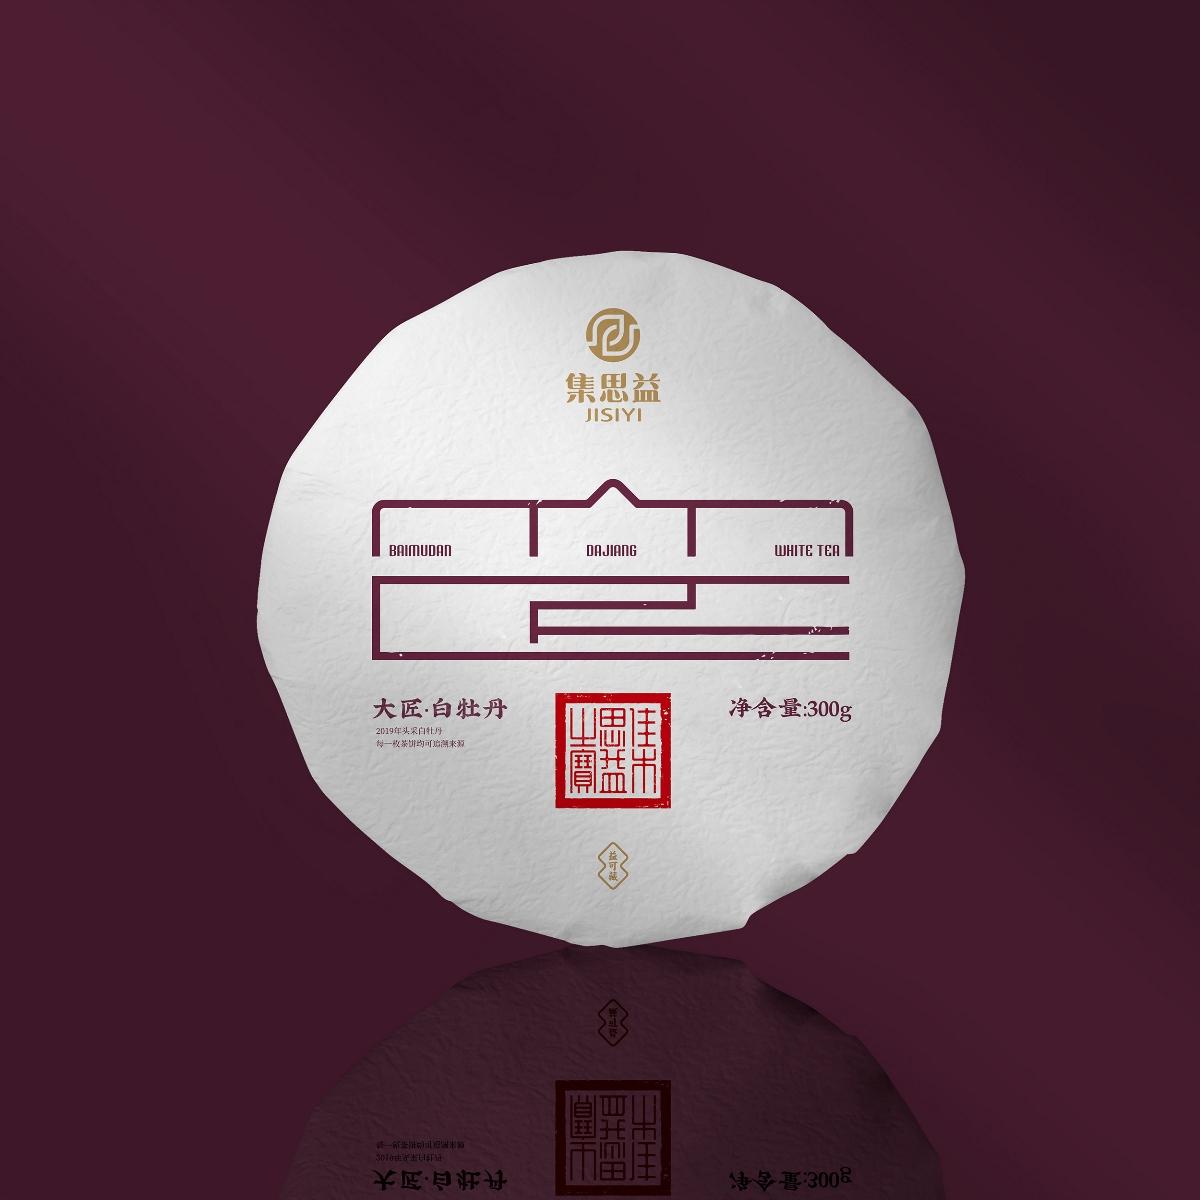 大匠茶叶包装设计—意形社